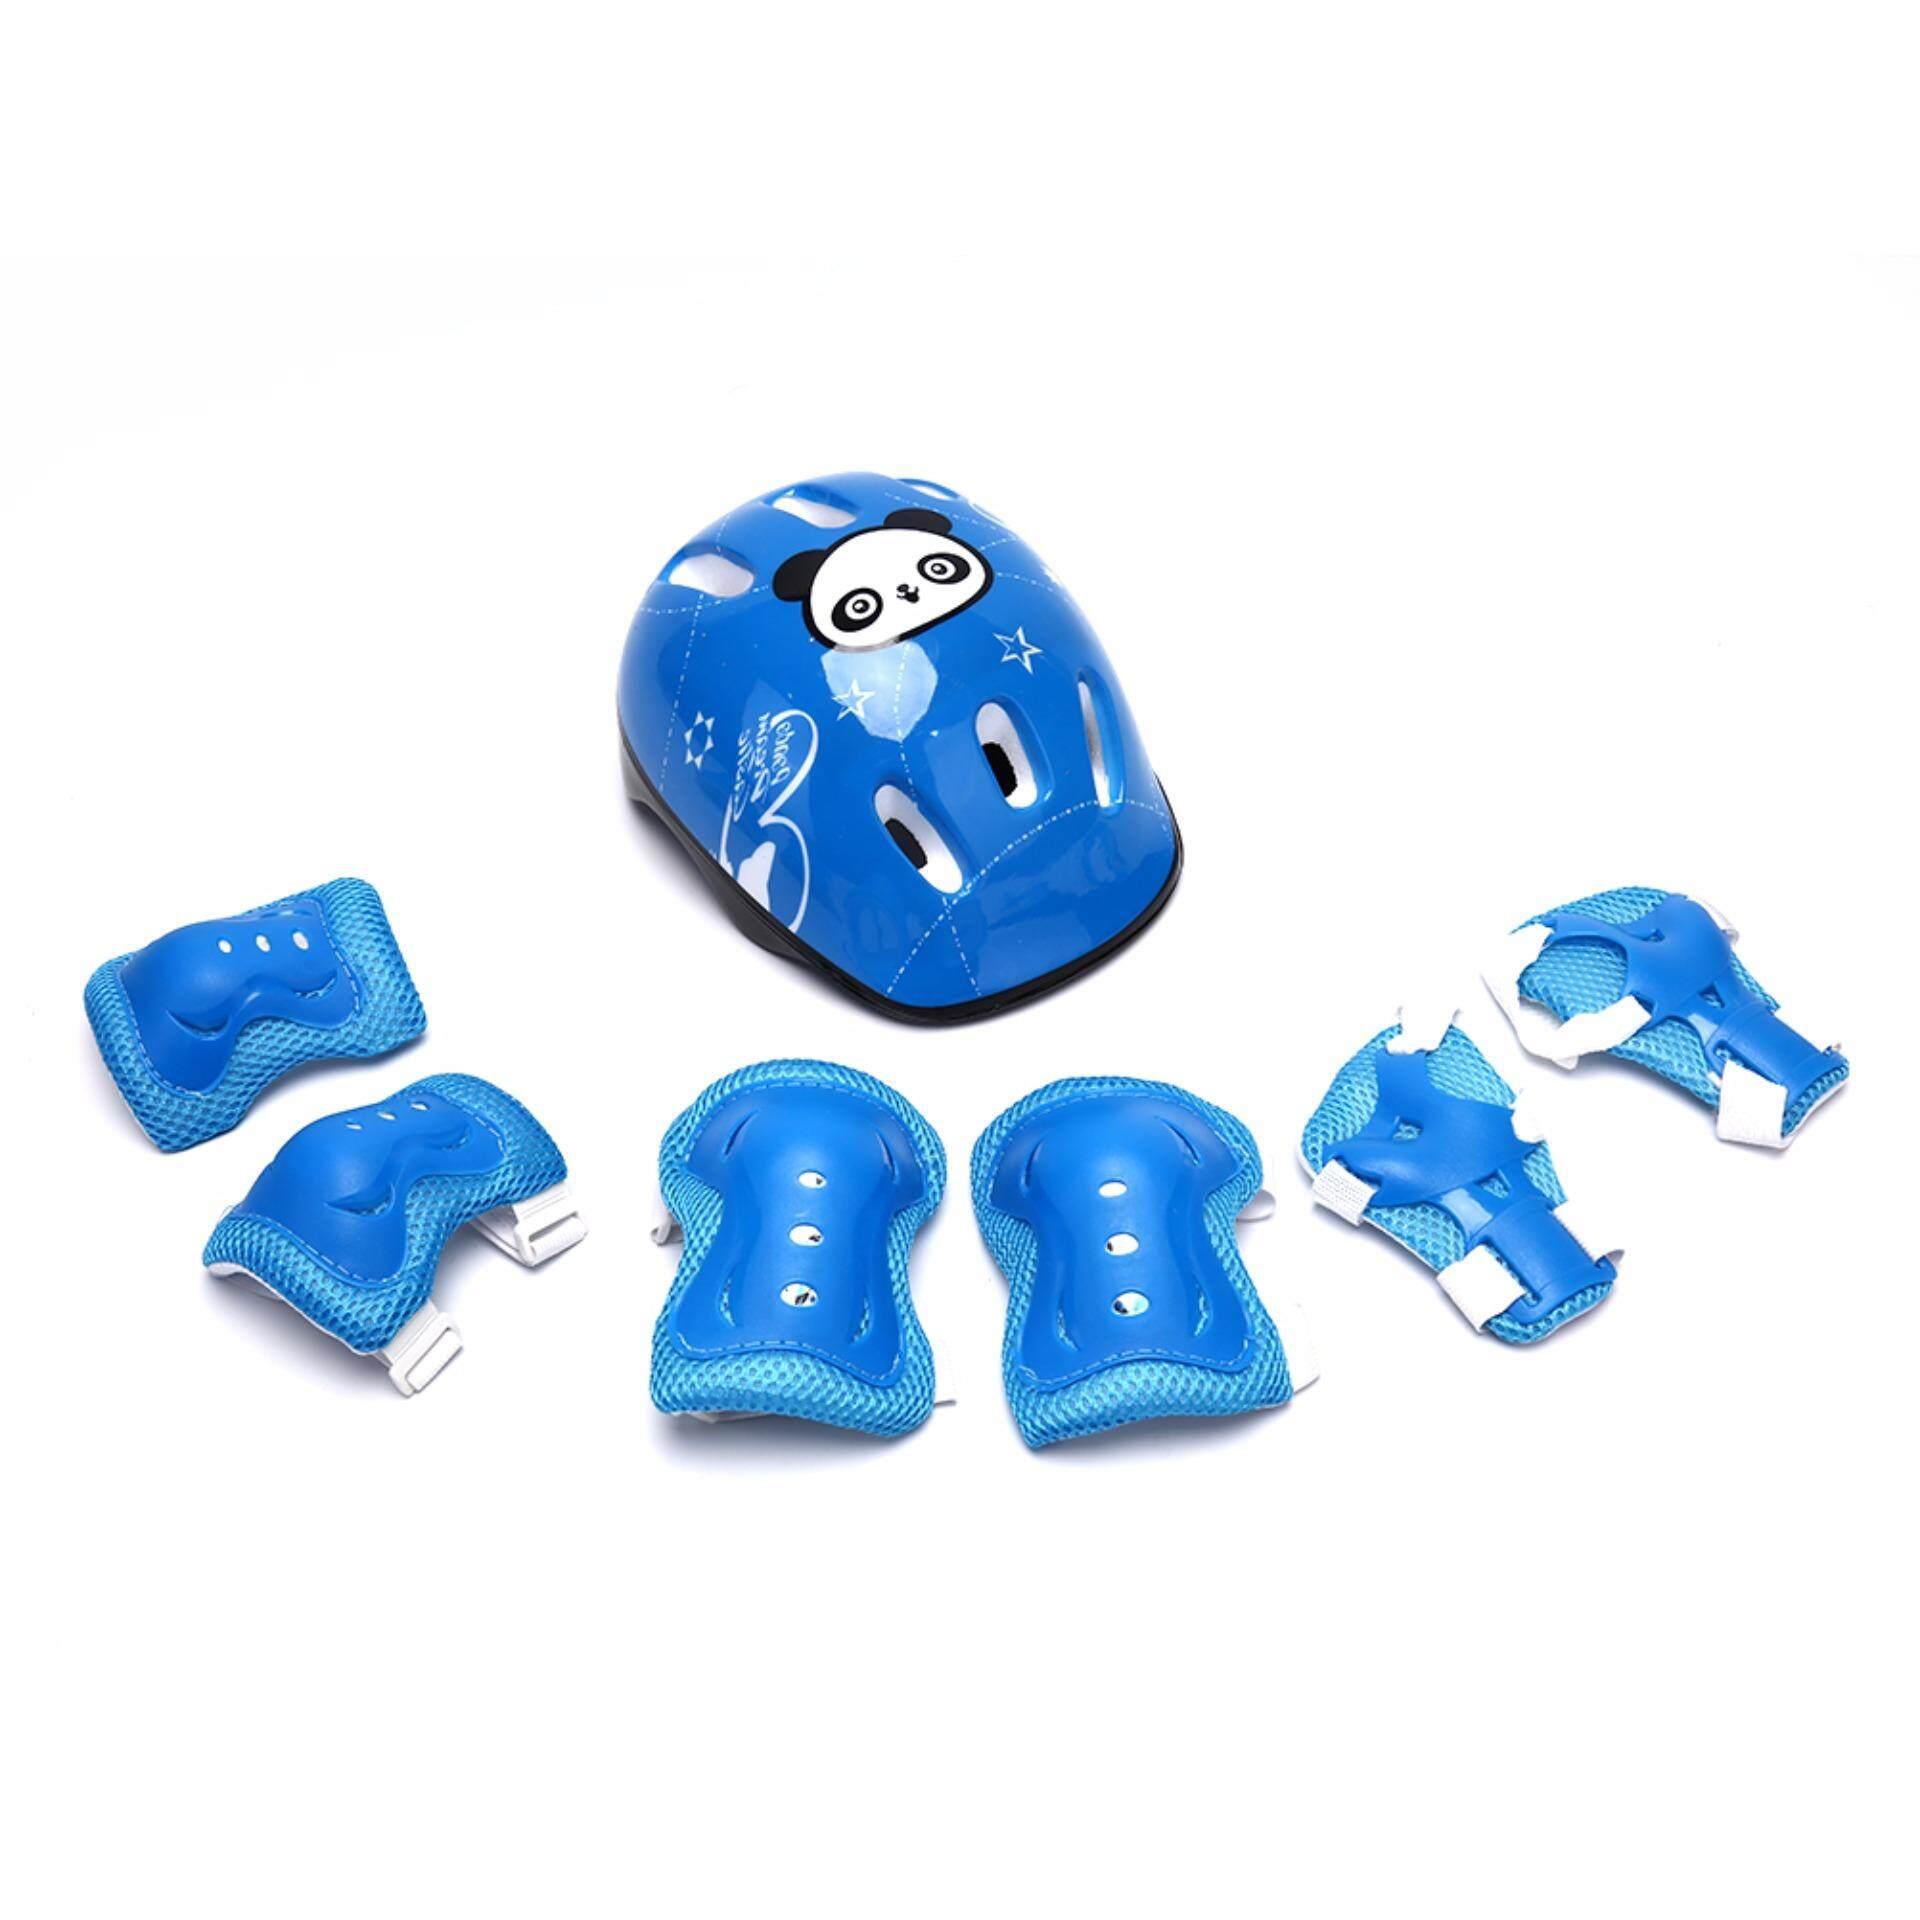 Rồng 7 cái/bộ Trẻ Em Trượt Băng Mũ Bảo Hiểm Bảo Vệ Khuỷu Tay Đầu Gối Đệm Lót Cổ Tay Trẻ Em 9